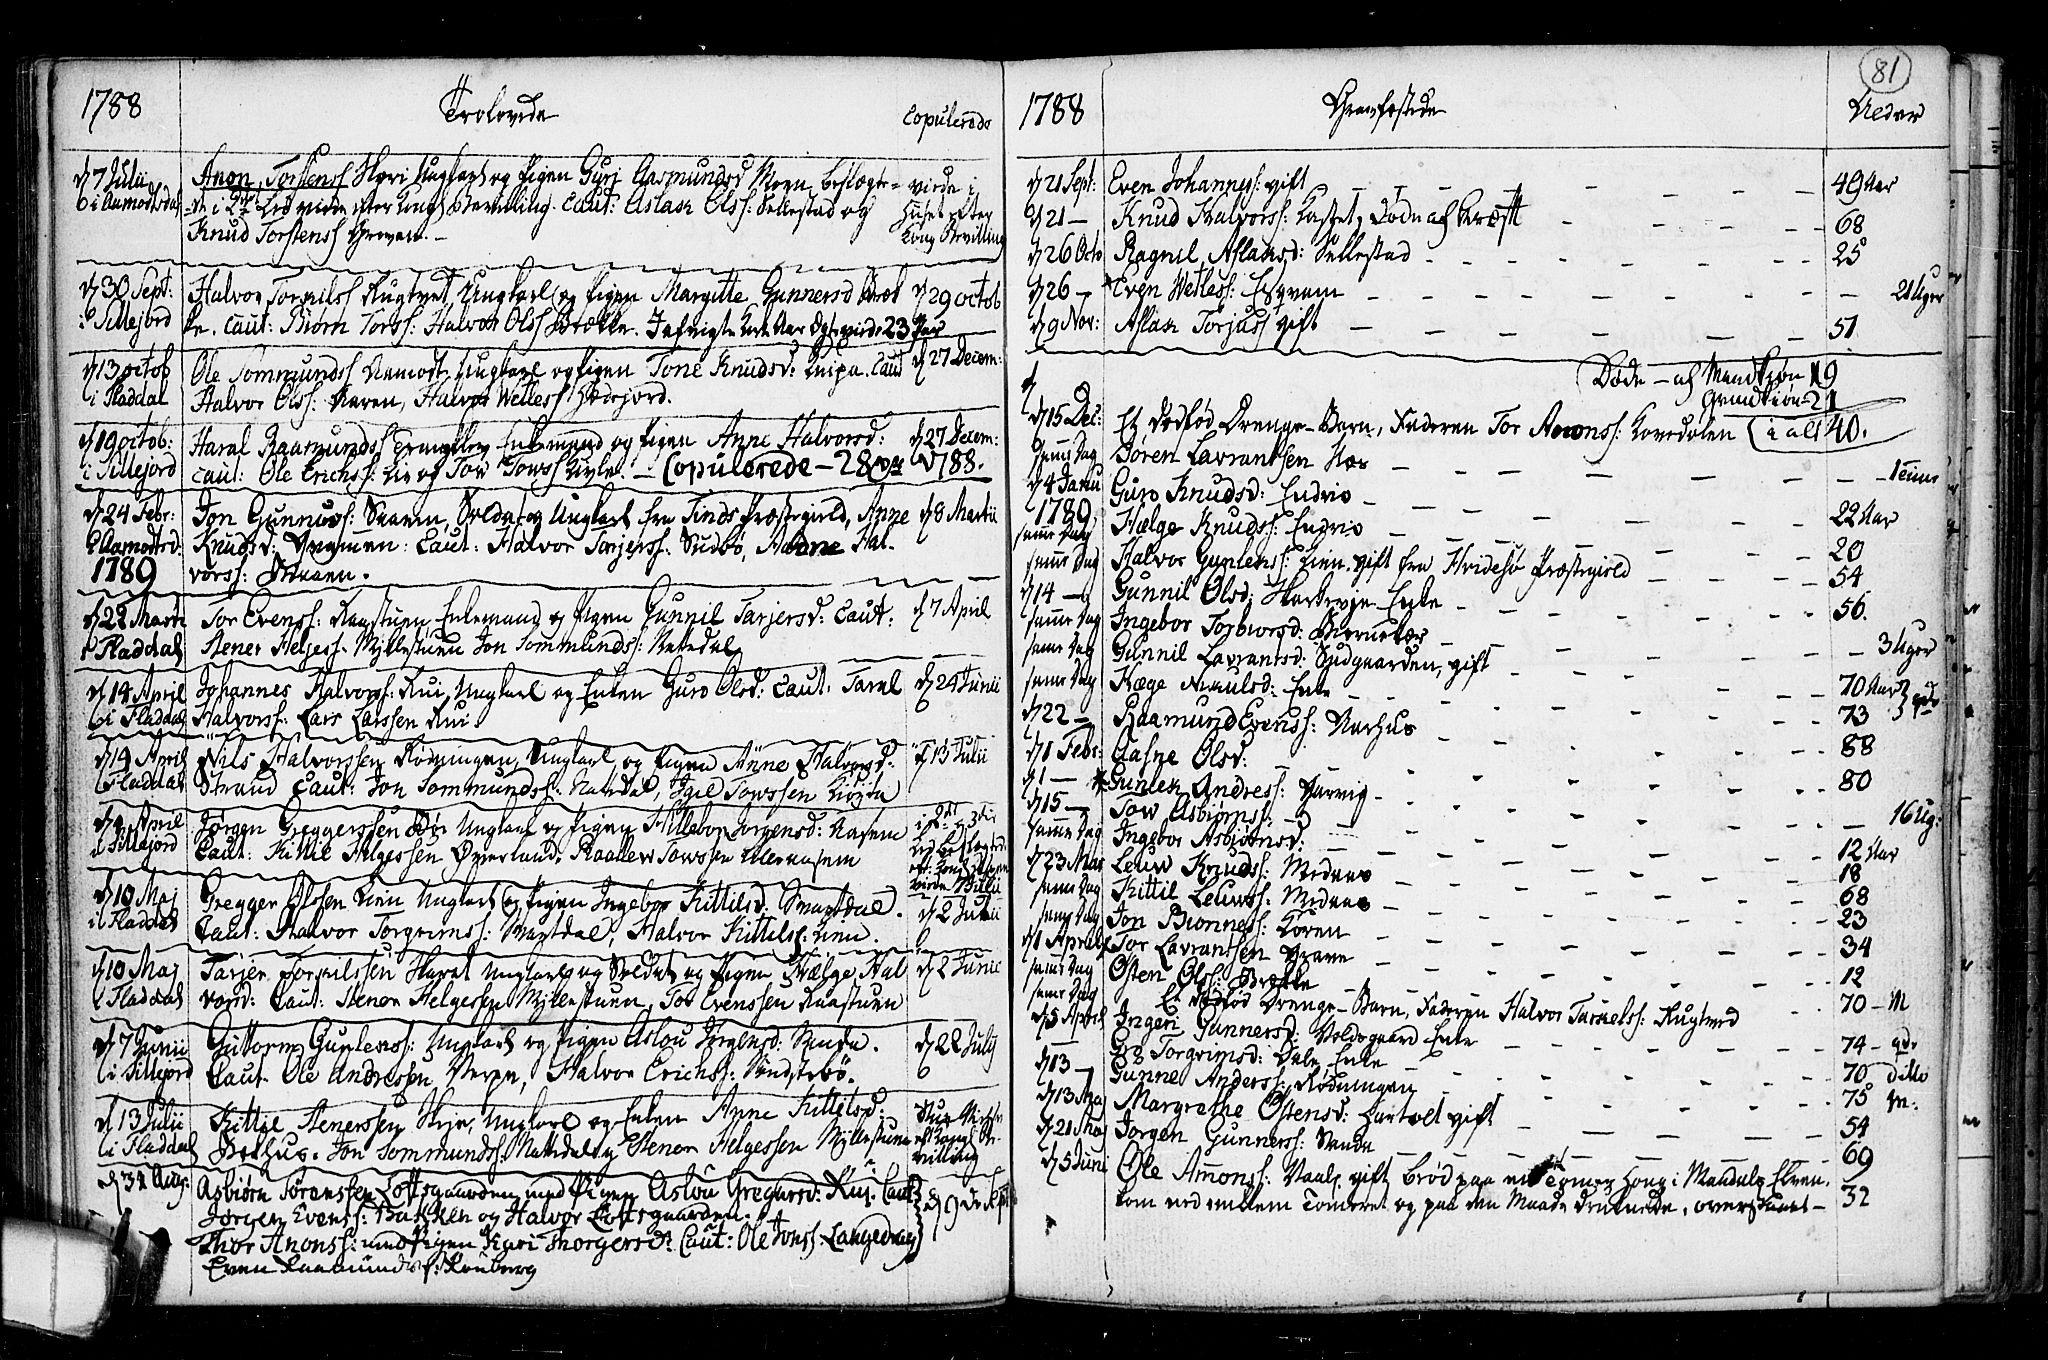 SAKO, Seljord kirkebøker, F/Fa/L0008: Ministerialbok nr. I 8, 1755-1814, s. 81